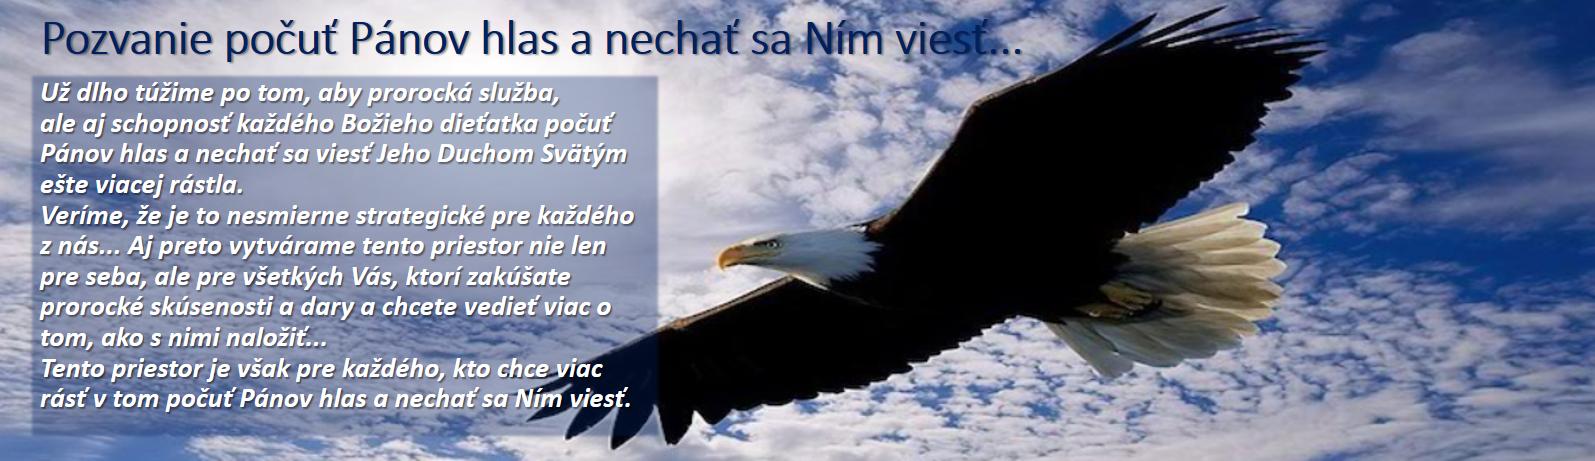 Pozvanie počuť Pánov hlas a nechať sa Ním viesť...